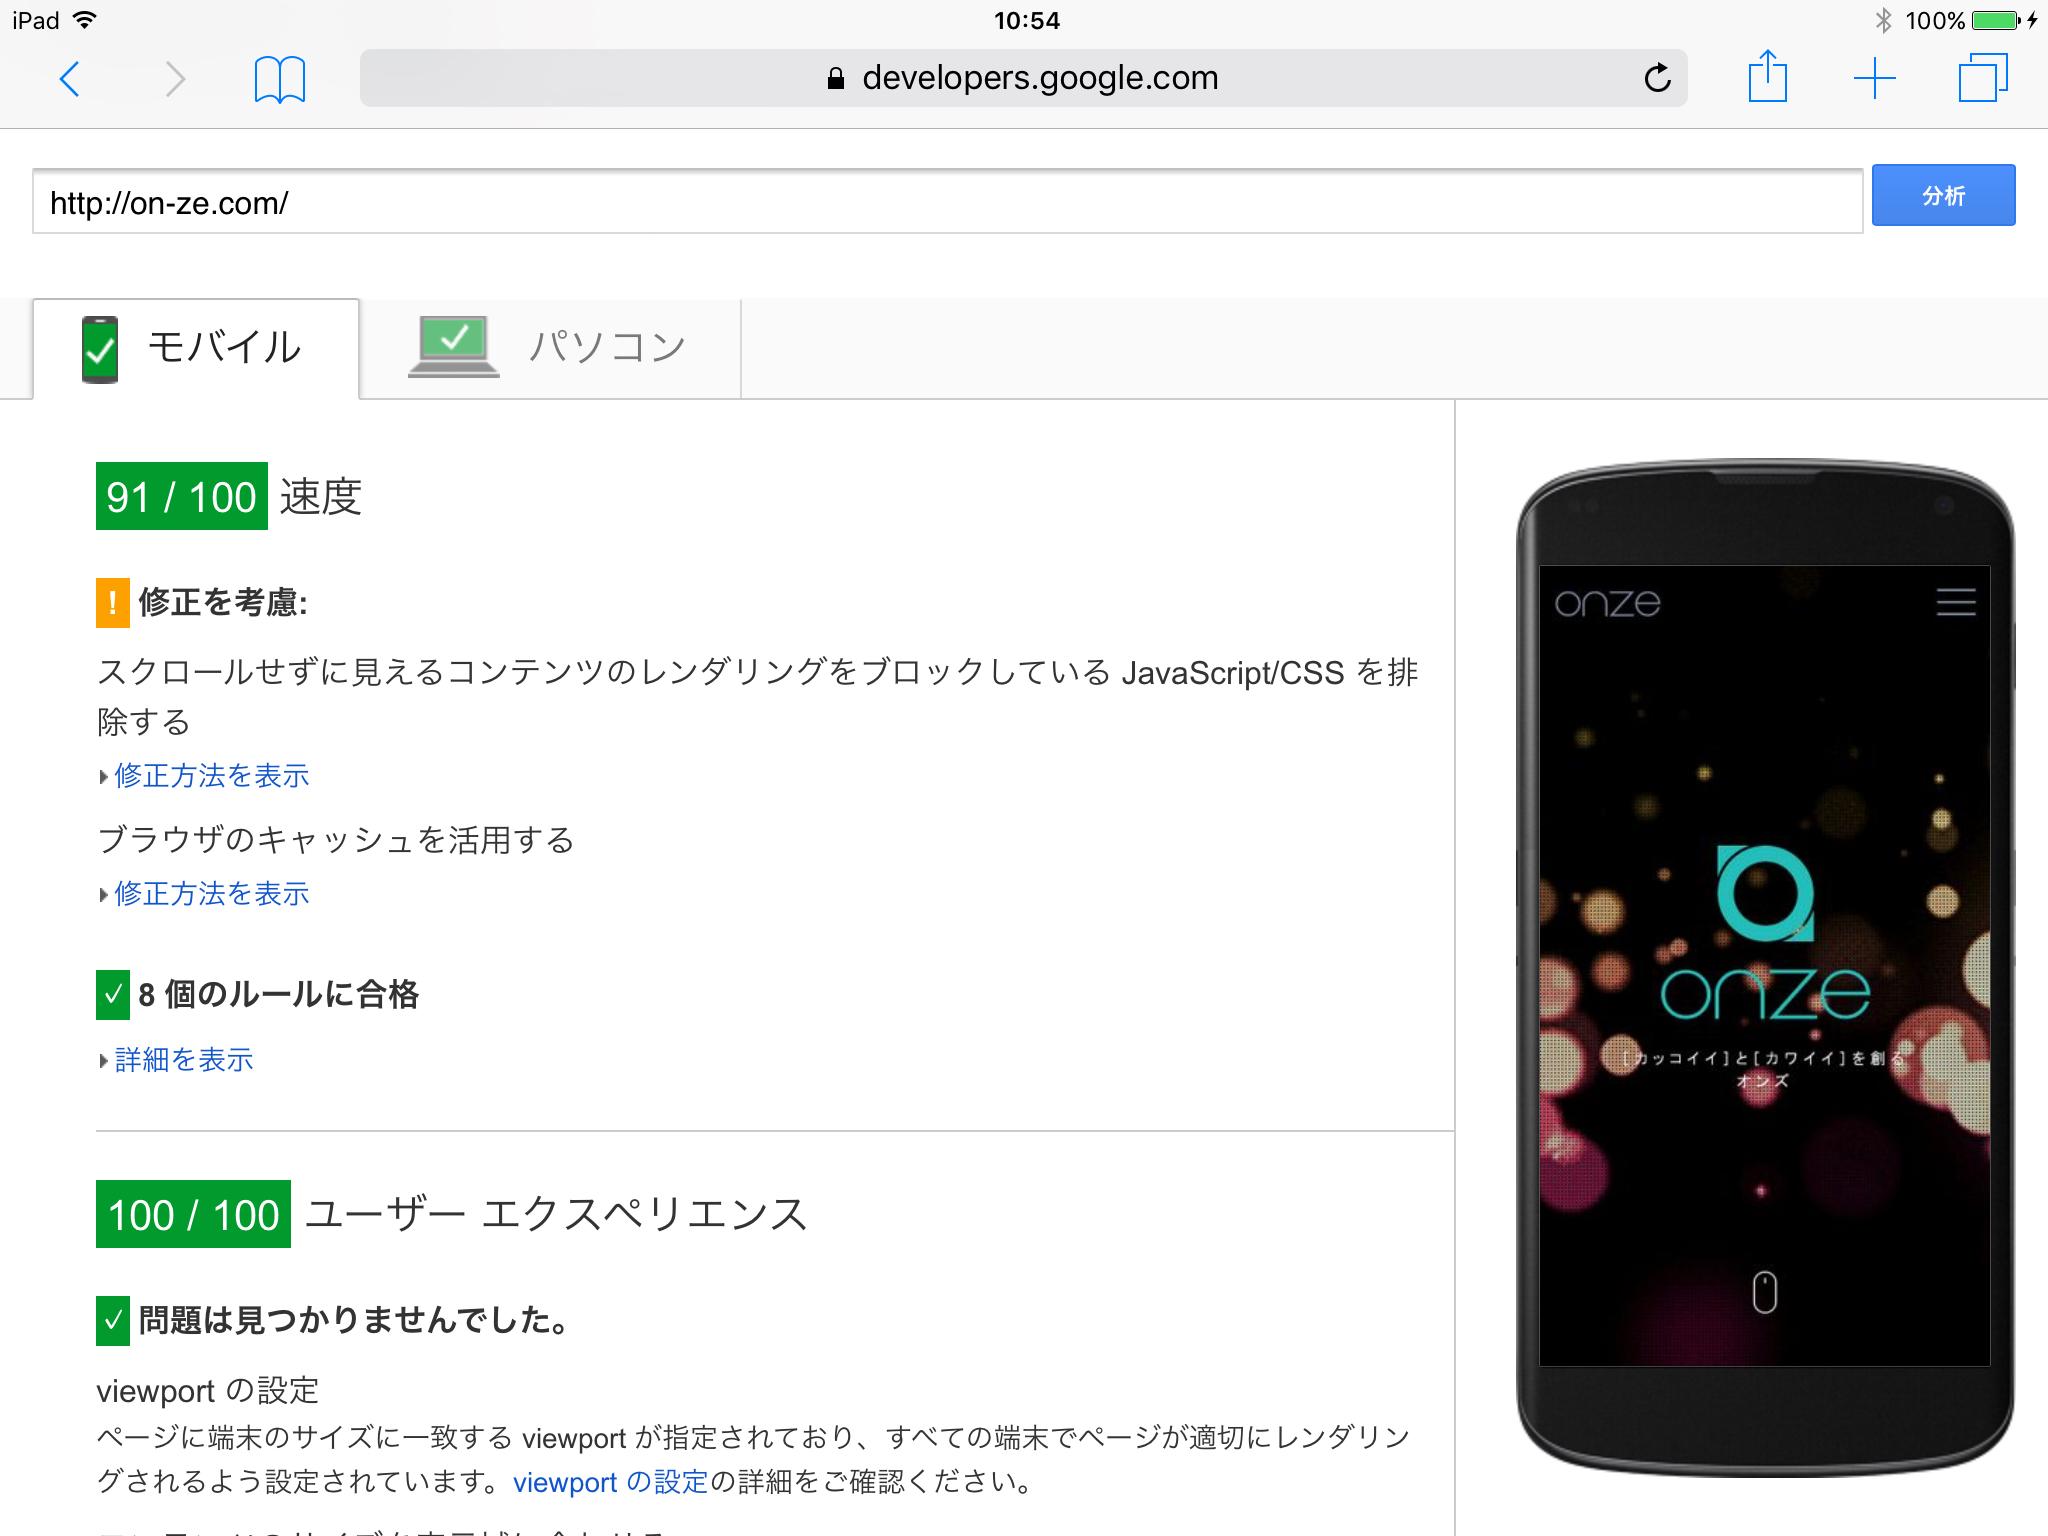 スピードテスト 02 : Google PageSpeed Insights